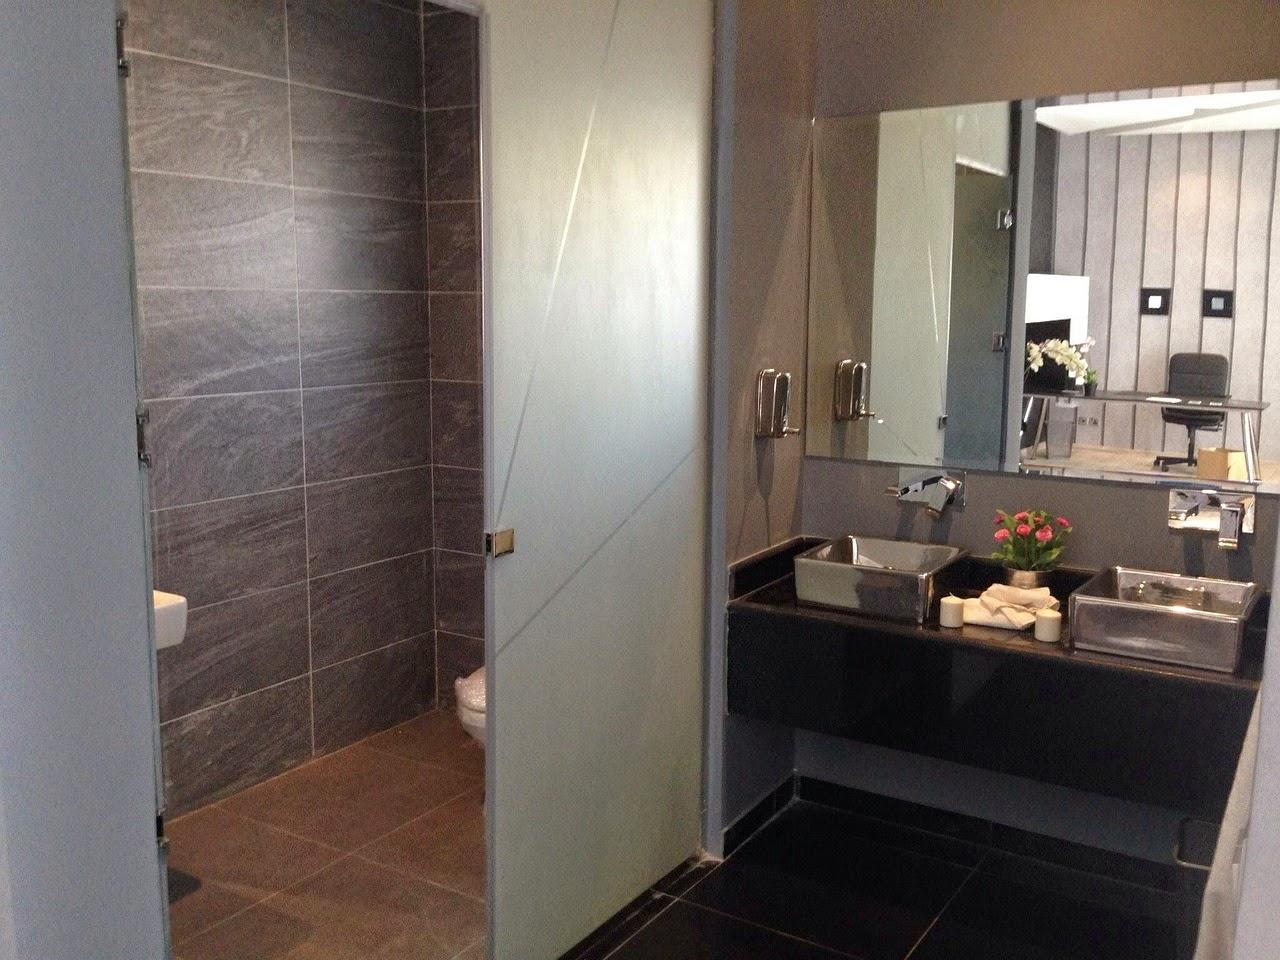 Εύκολος τρόπος για να μην θαμπώνει ο καθρέφτης του μπάνιου